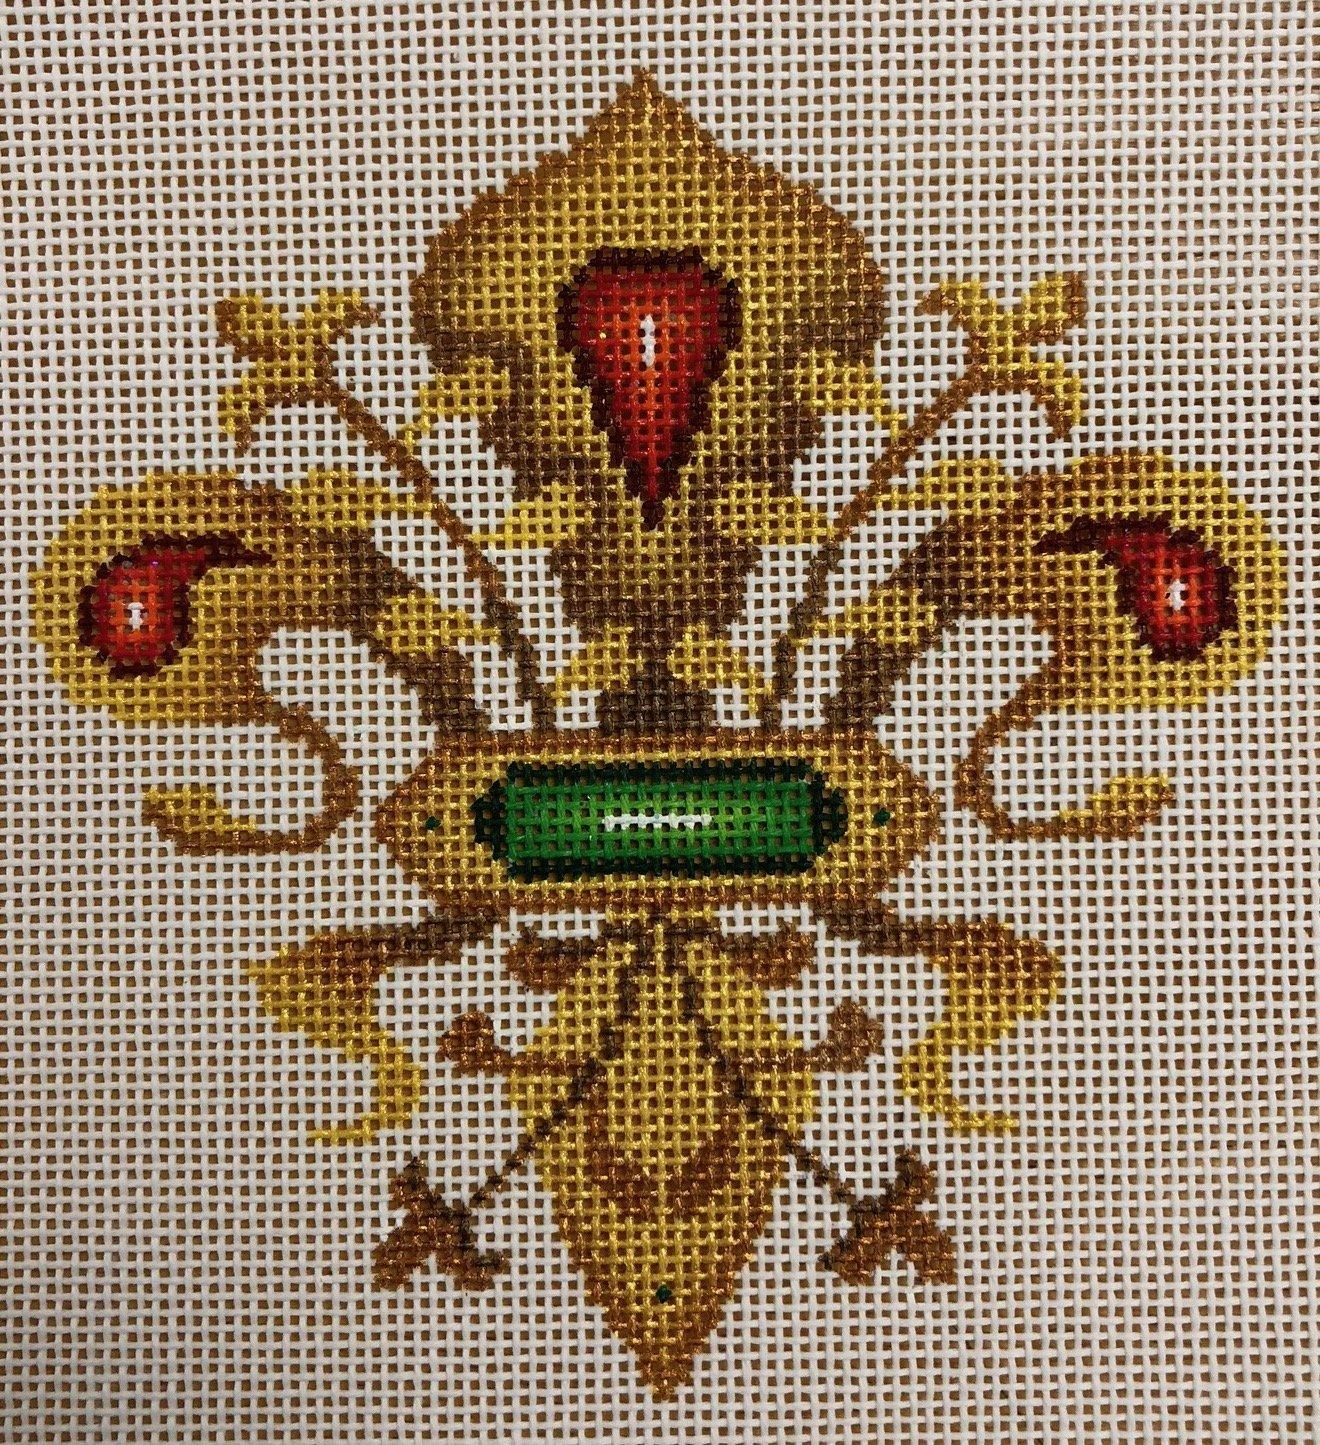 fleur de lis, gold, red & green